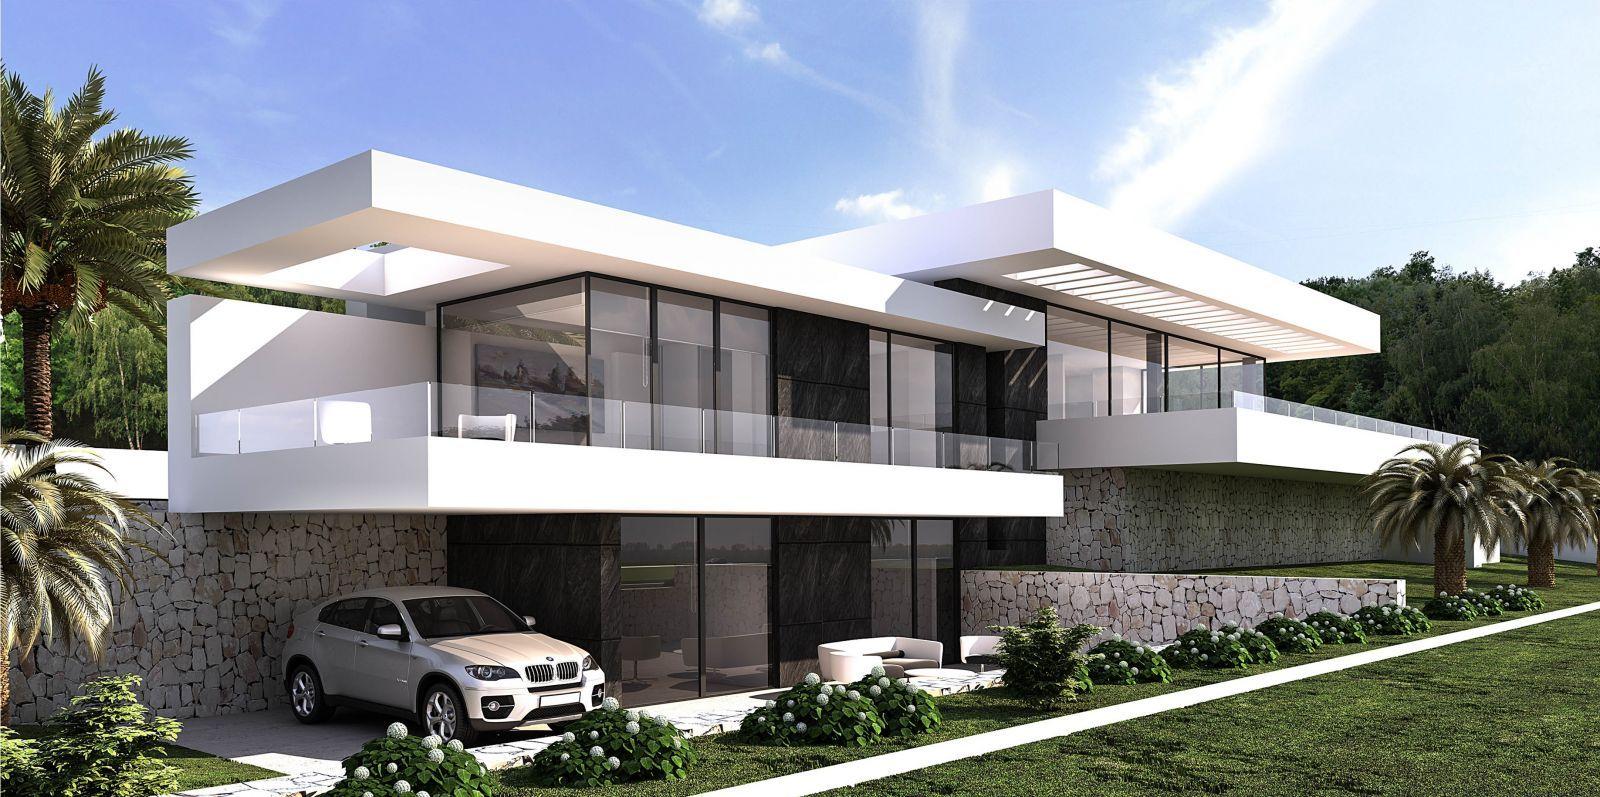 Affiner Votre Projet Avec Notre Agence De Construction Et Ses Agents Pour Obtenir Les Vi Maison Architecte Moderne Plan Maison Architecte Maison D Architecture